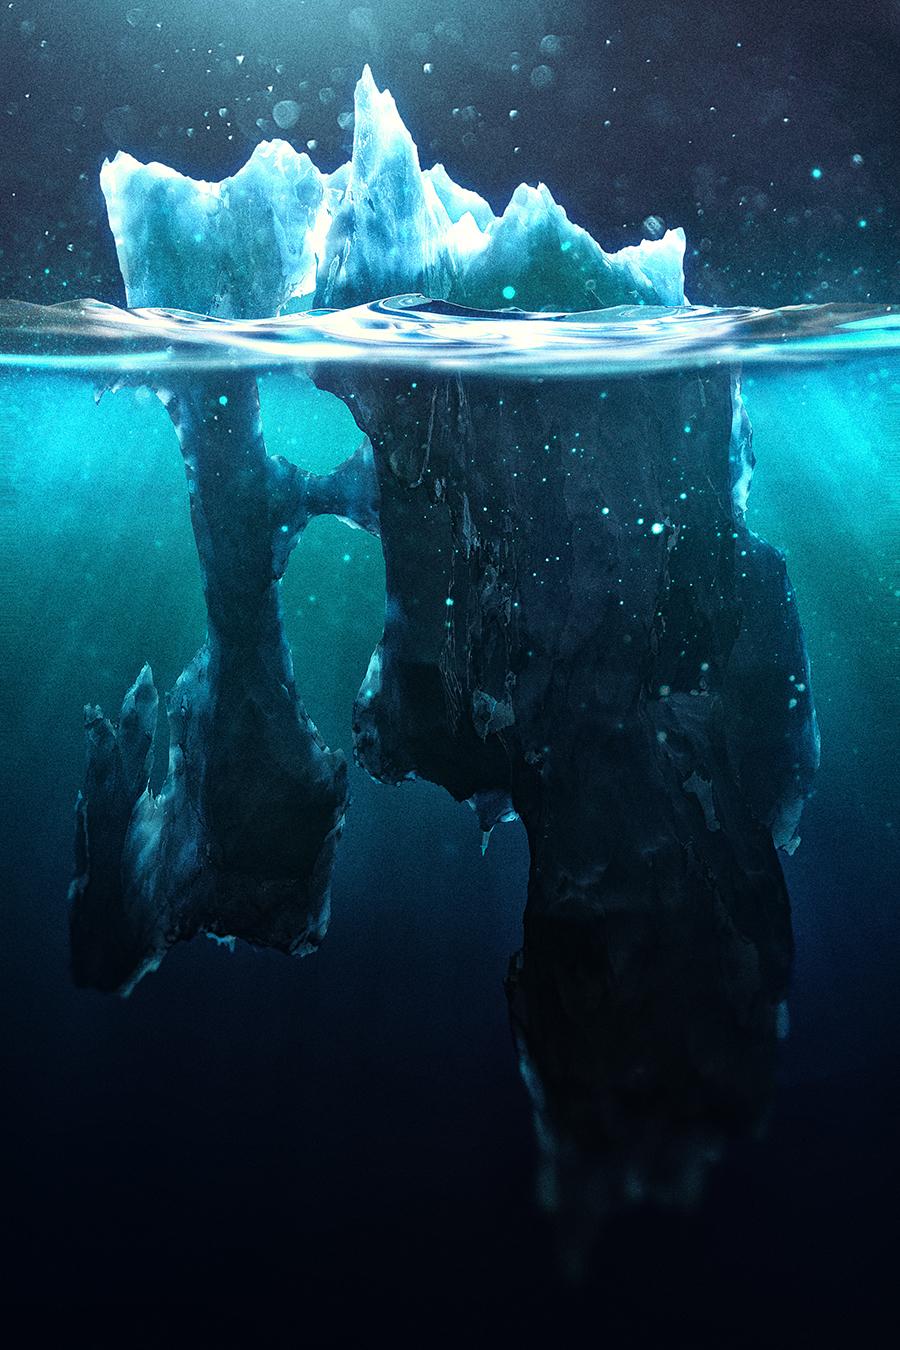 caustic-icebergs